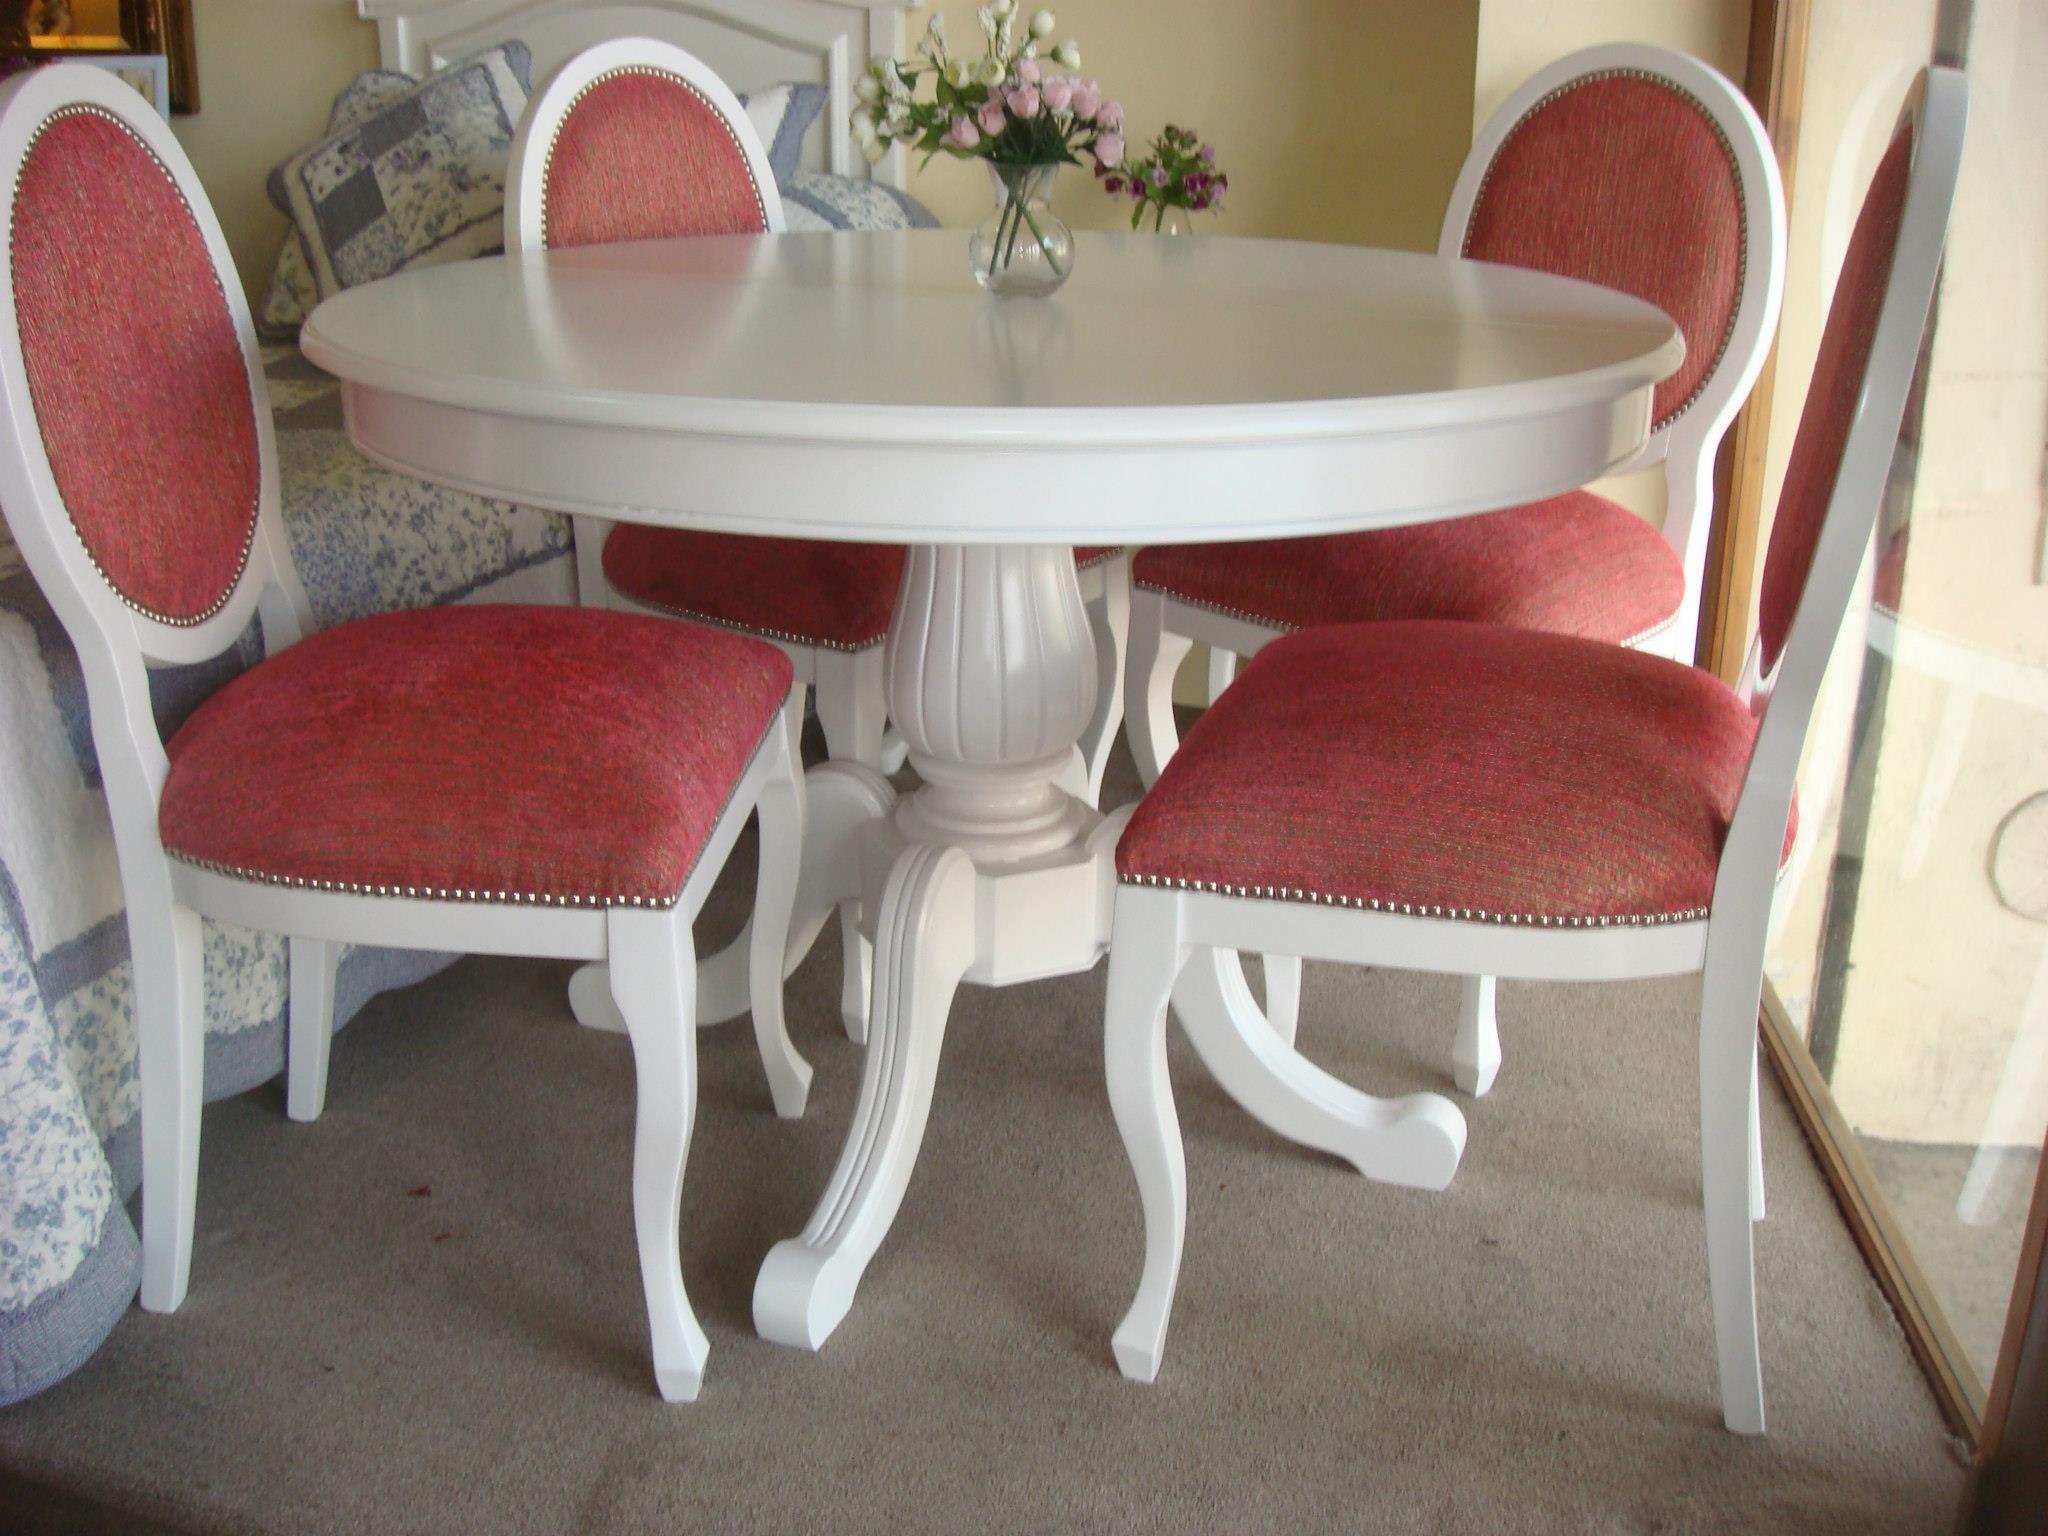 Juego de Comedor Estilo Ingles | Muebles de comedor ...